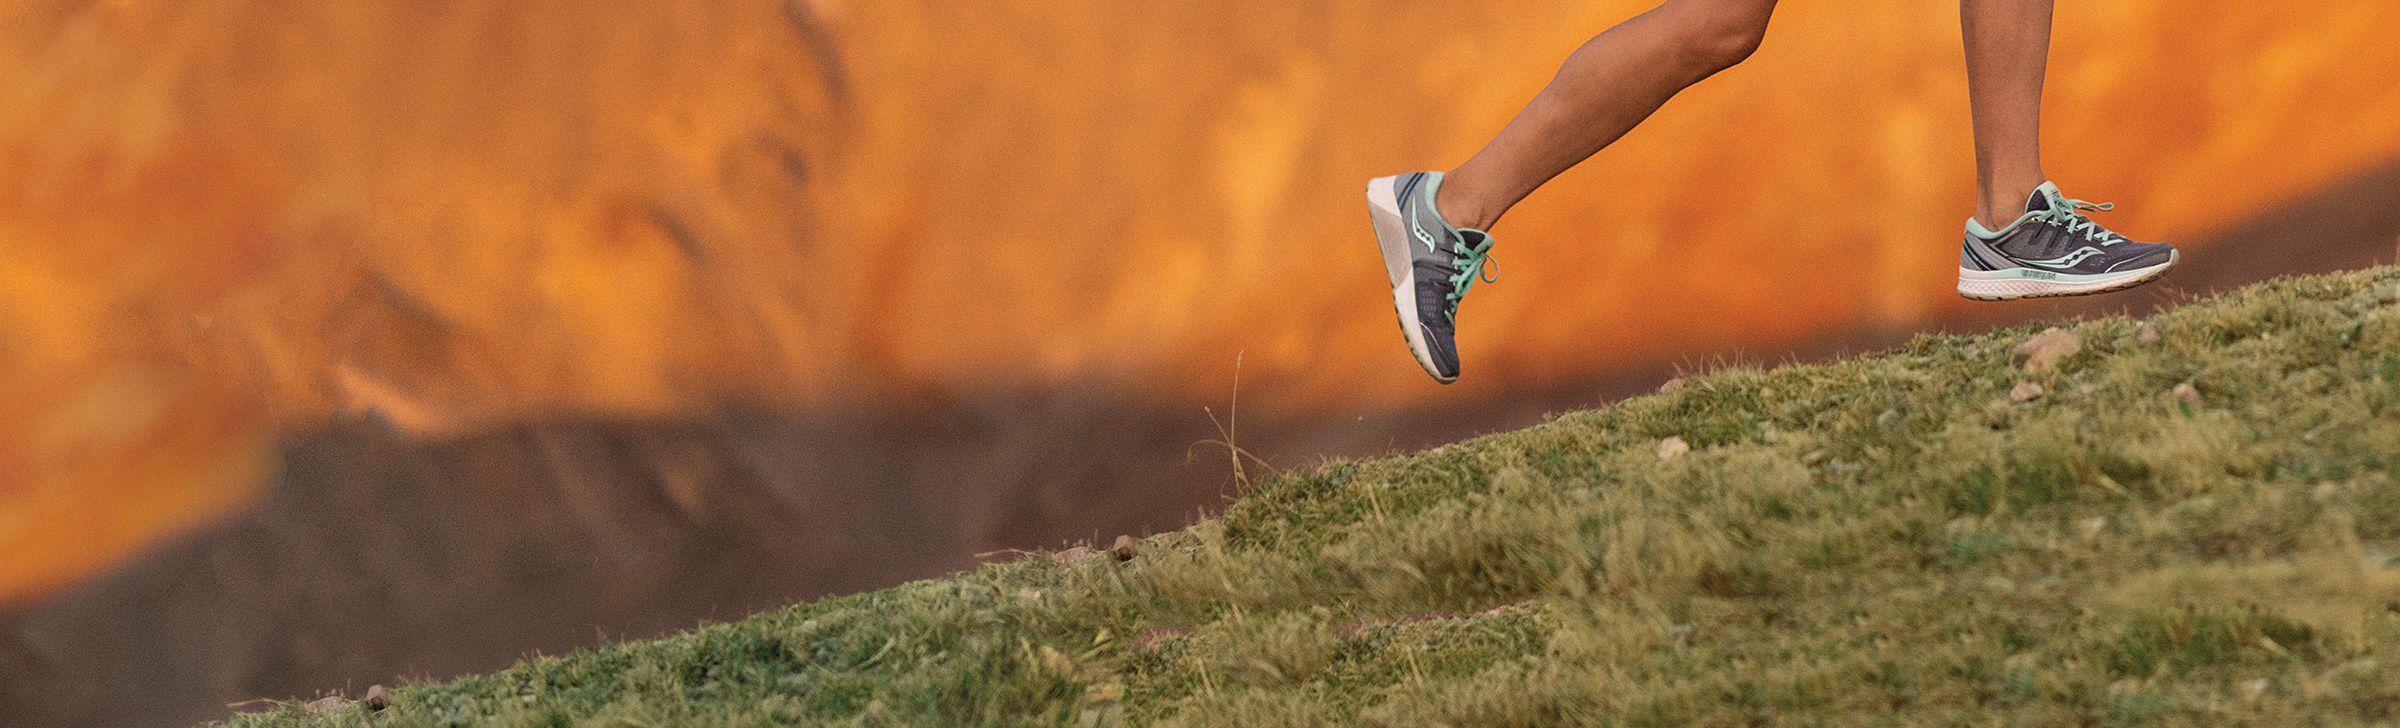 e8a46059c2455 Women s Sports Footwear